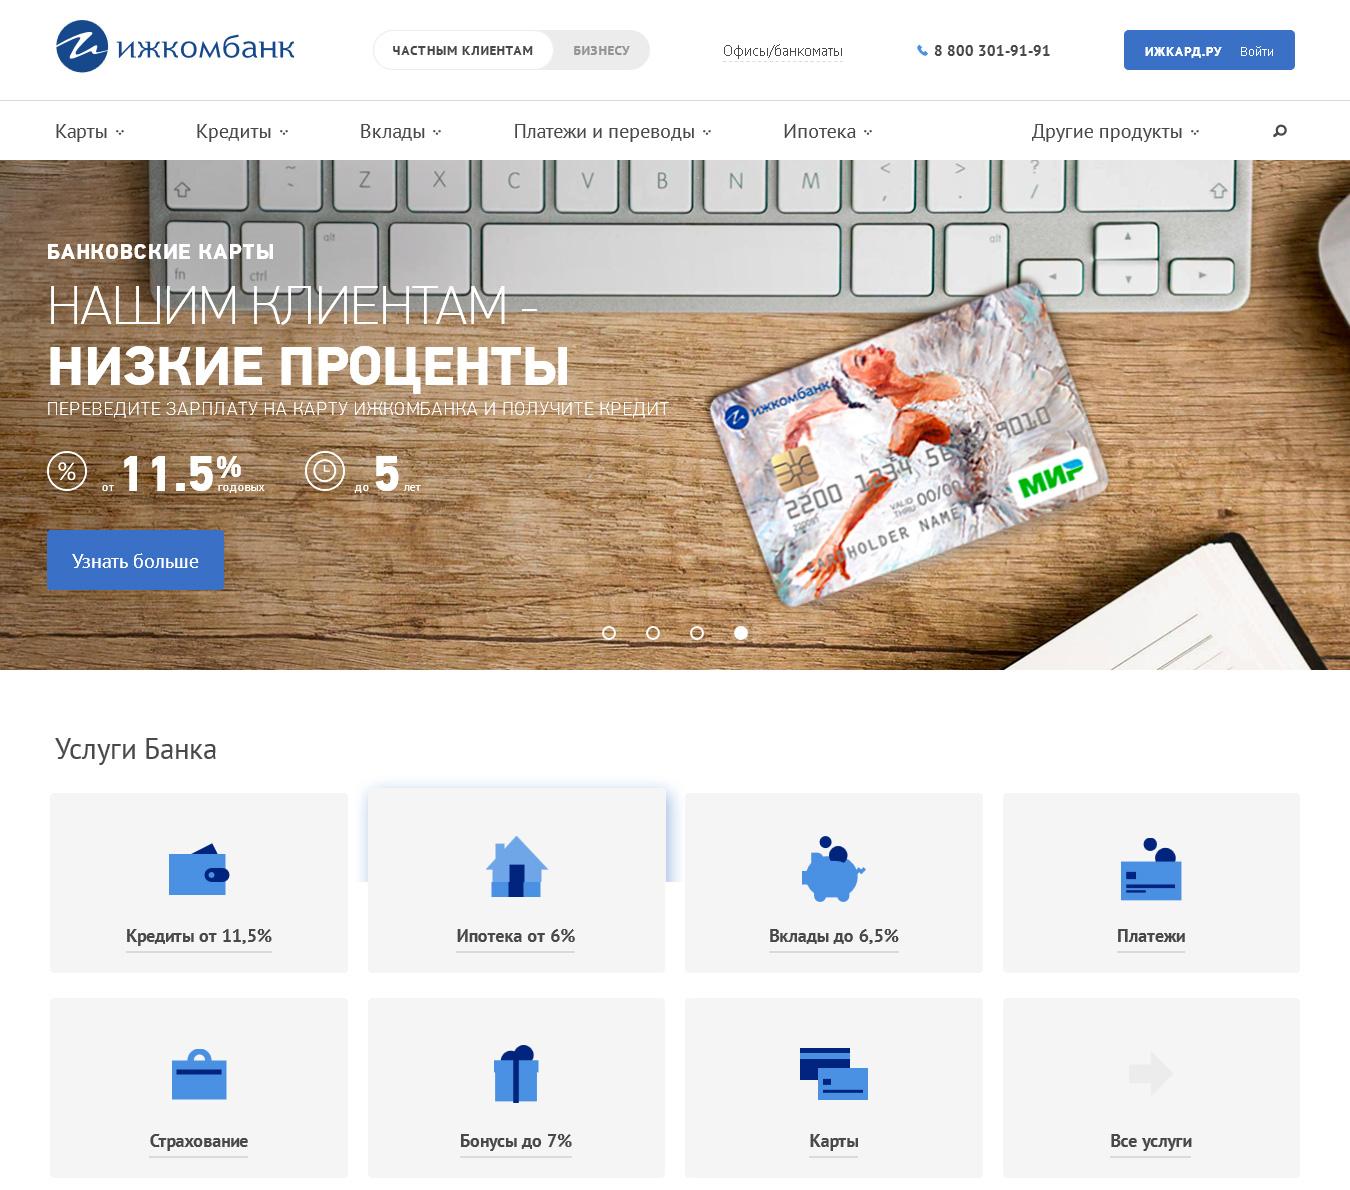 Официальный сайт Ижкомбанка